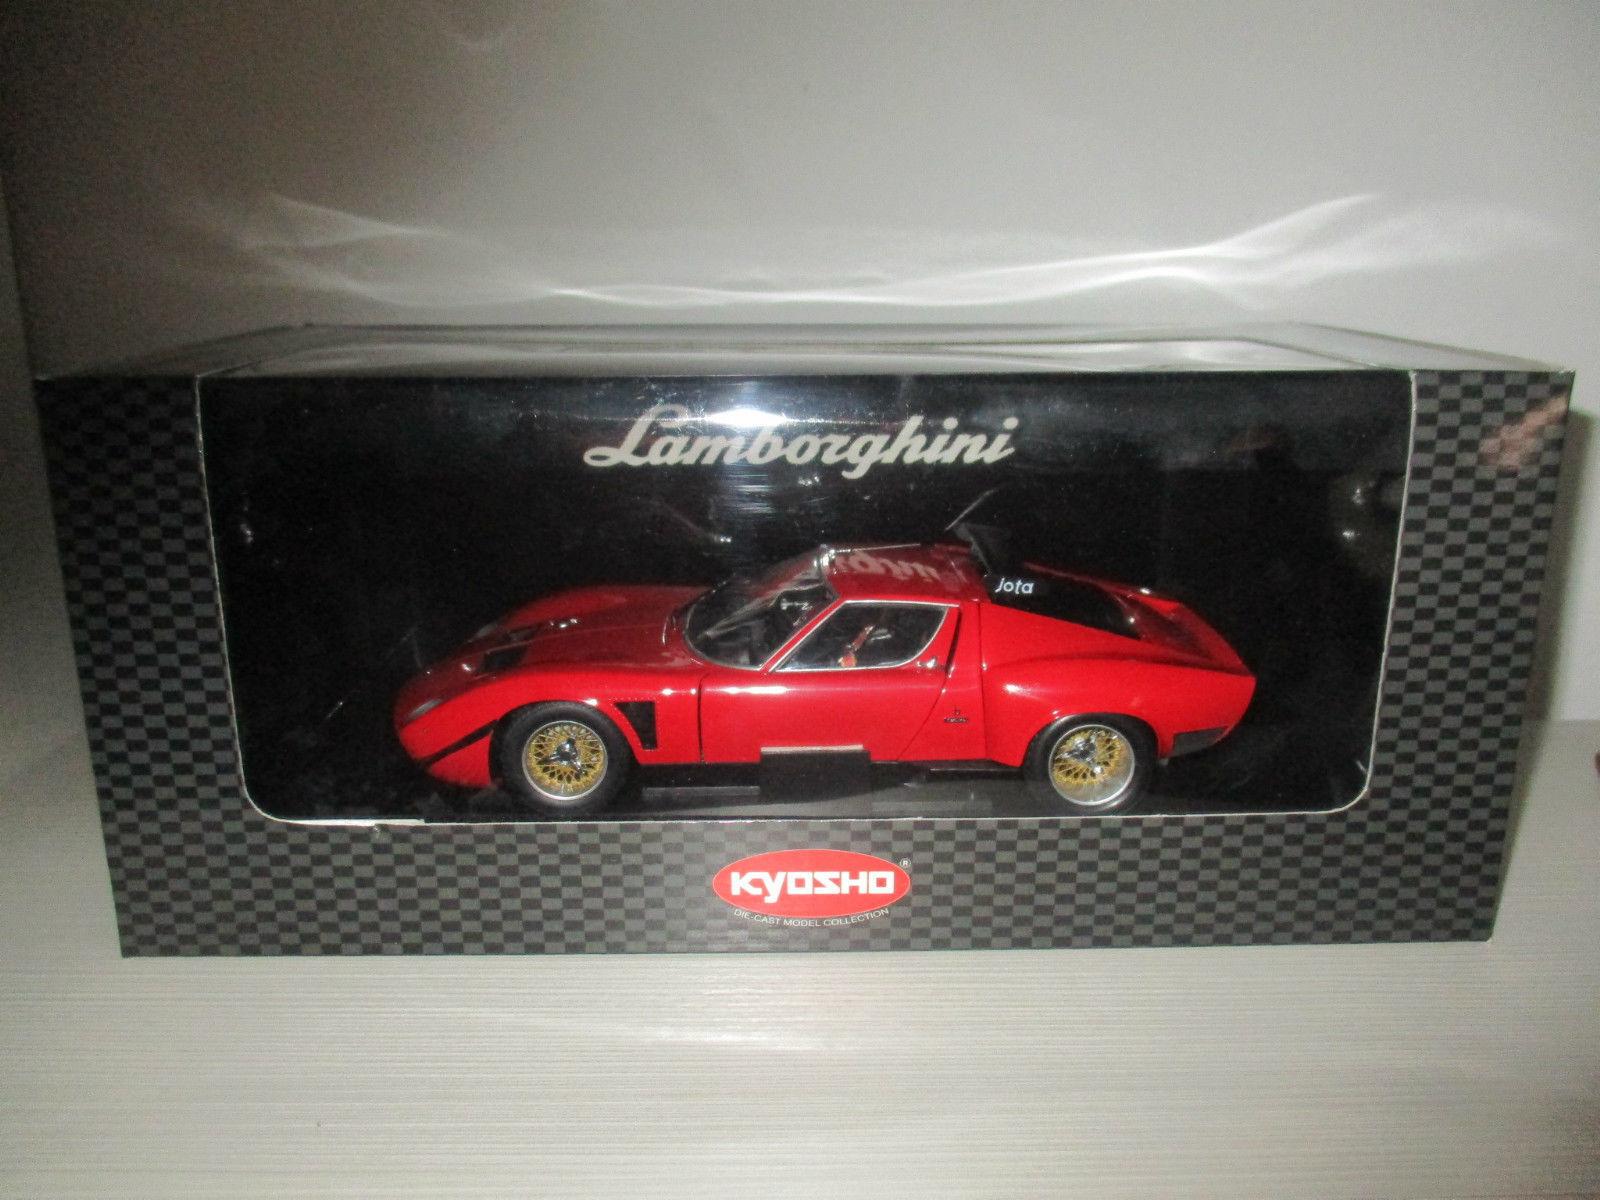 Lamborghini Jota SVR rouge Kyosho 1 18 No. 08311R